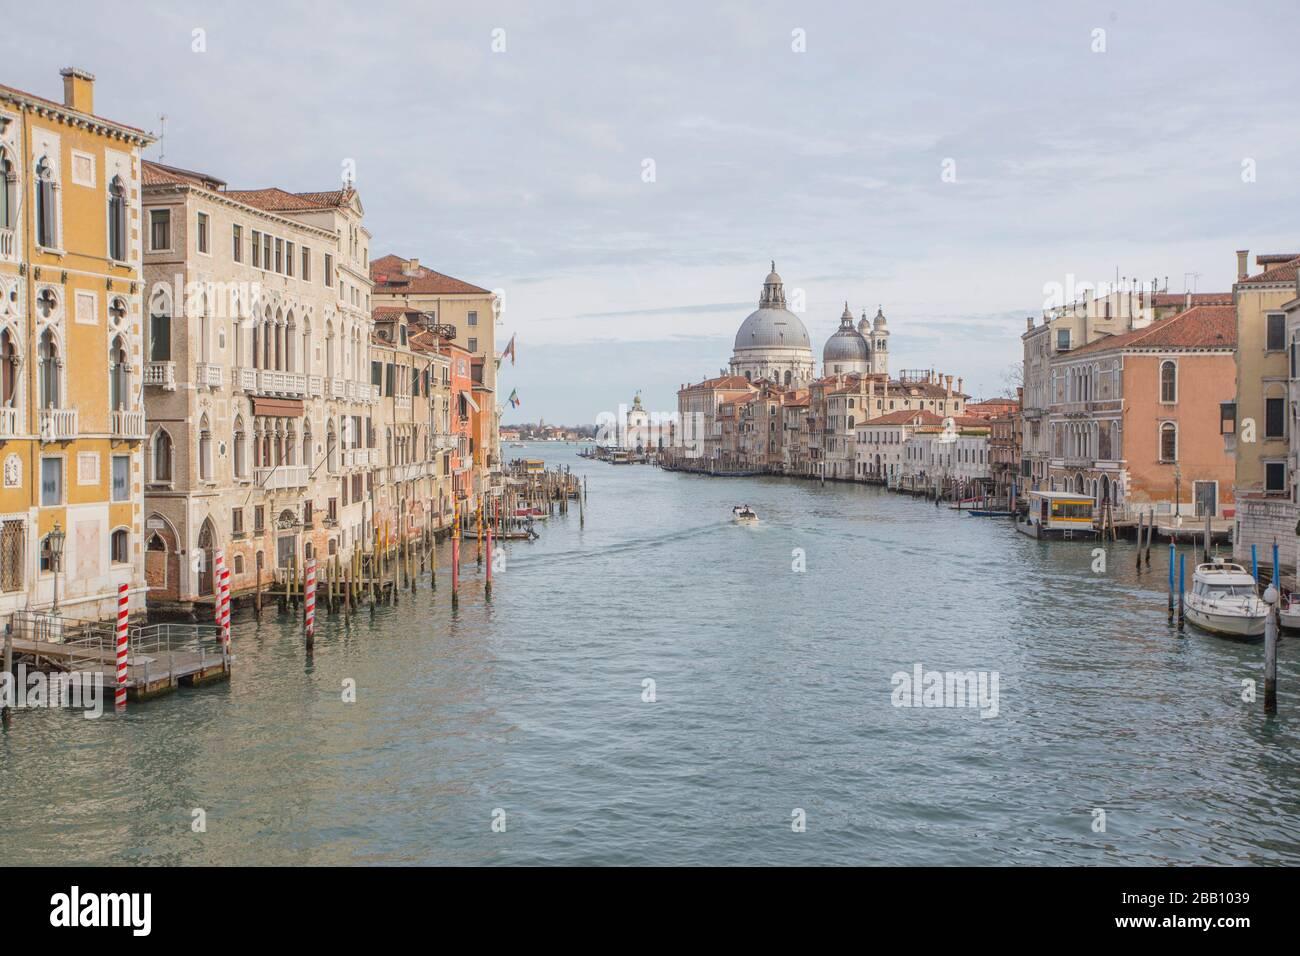 Venezia Veneto Italia il 19 gennaio 2019: vista del Canal Grande dal ponte dell'Accademia. Foto Stock